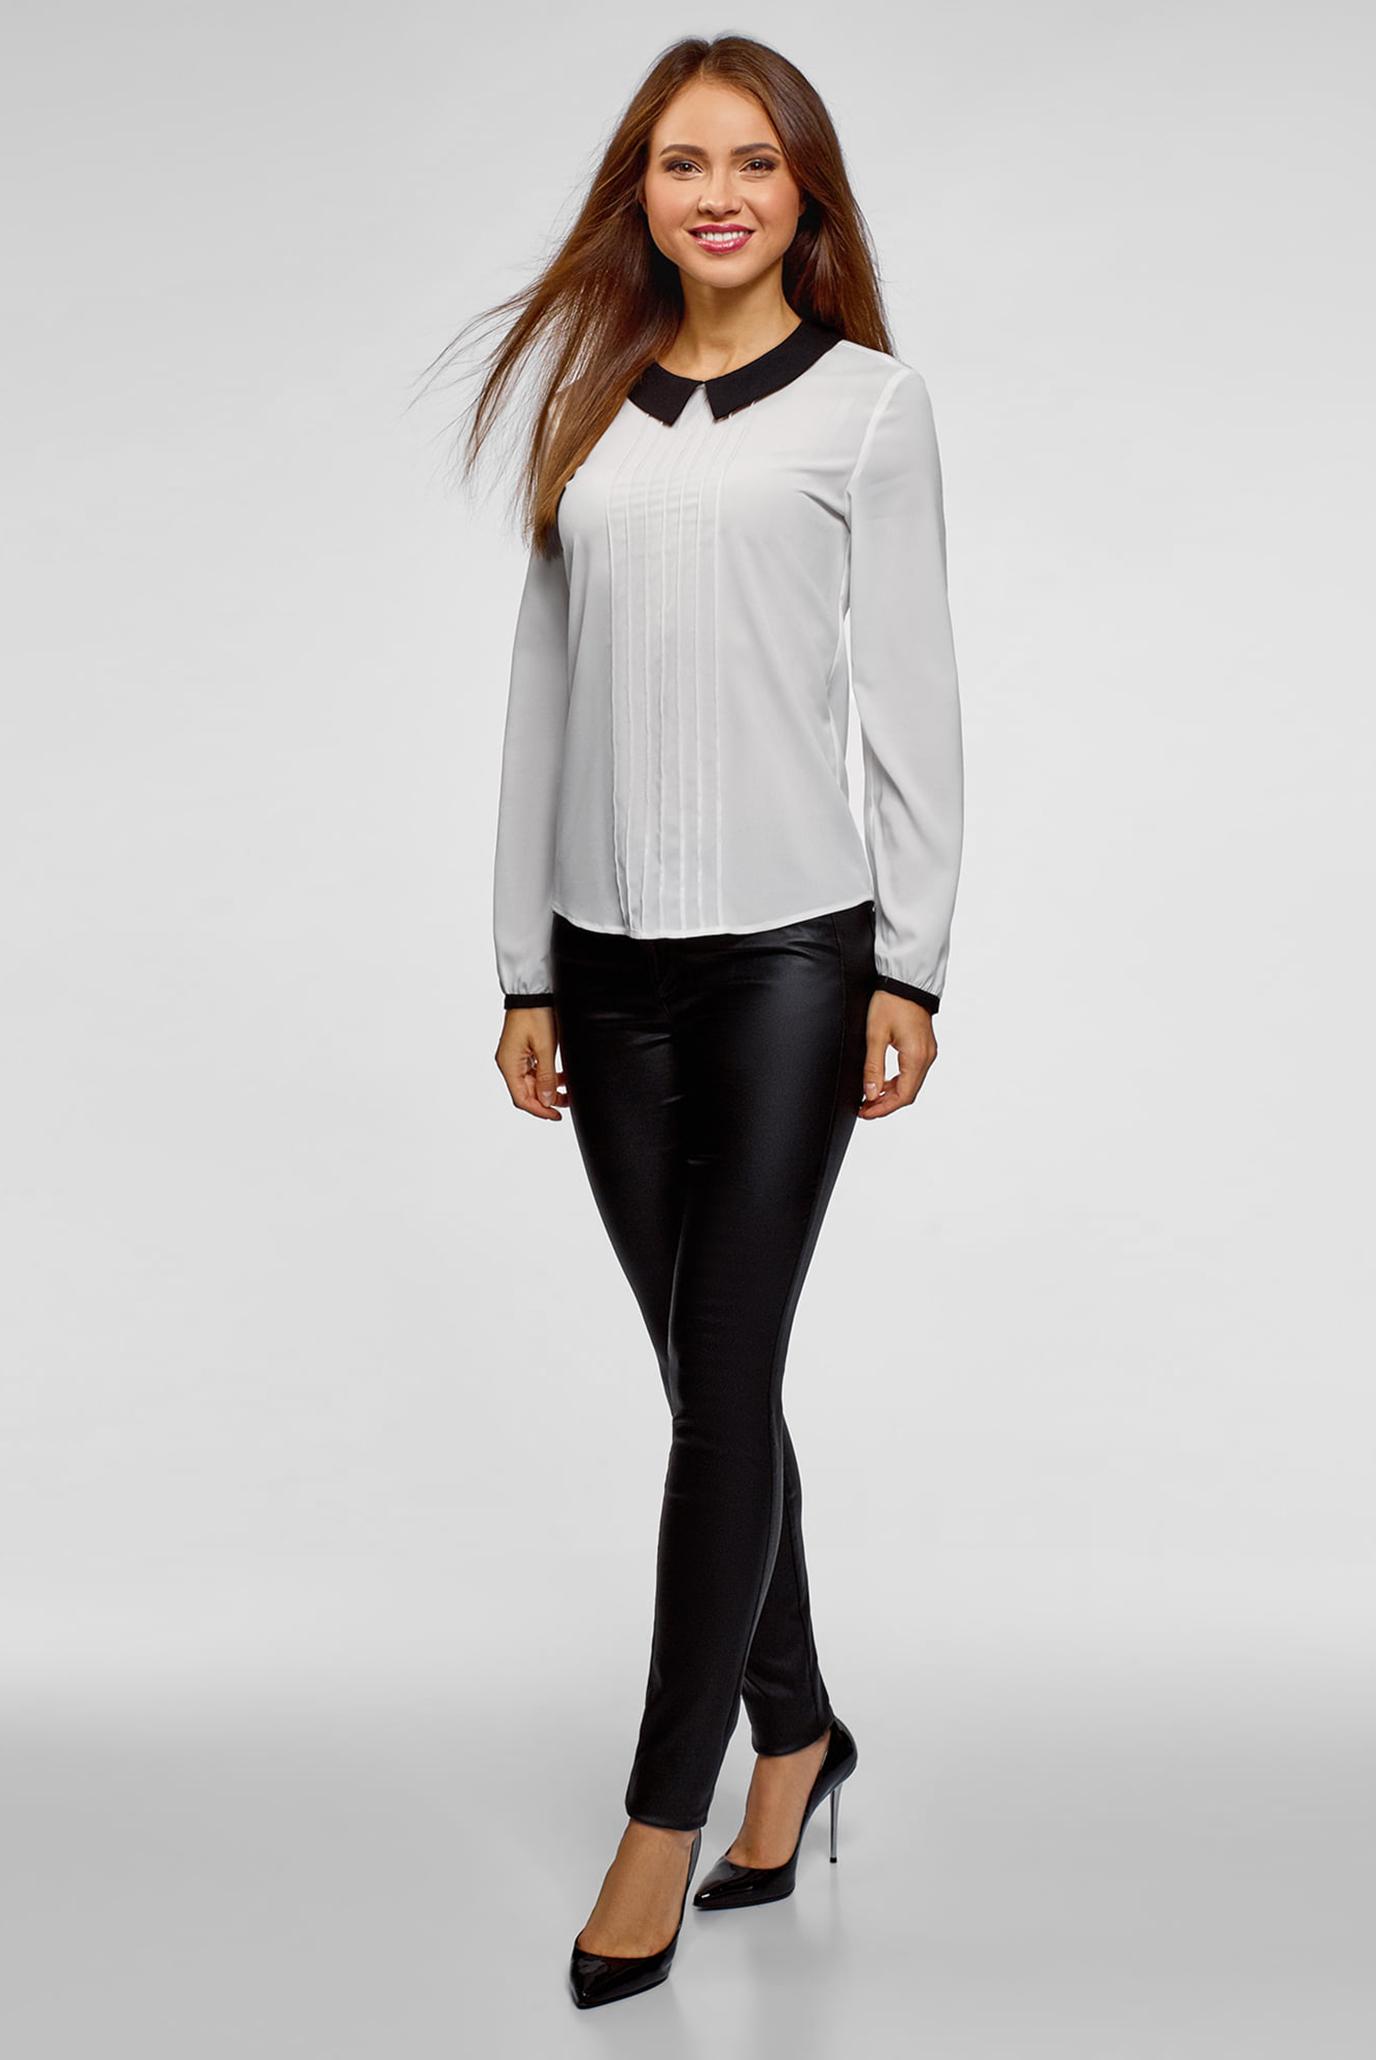 Купить Женская белая блуза Oodji Oodji 11411117-1B/48853/1229B – Киев, Украина. Цены в интернет магазине MD Fashion